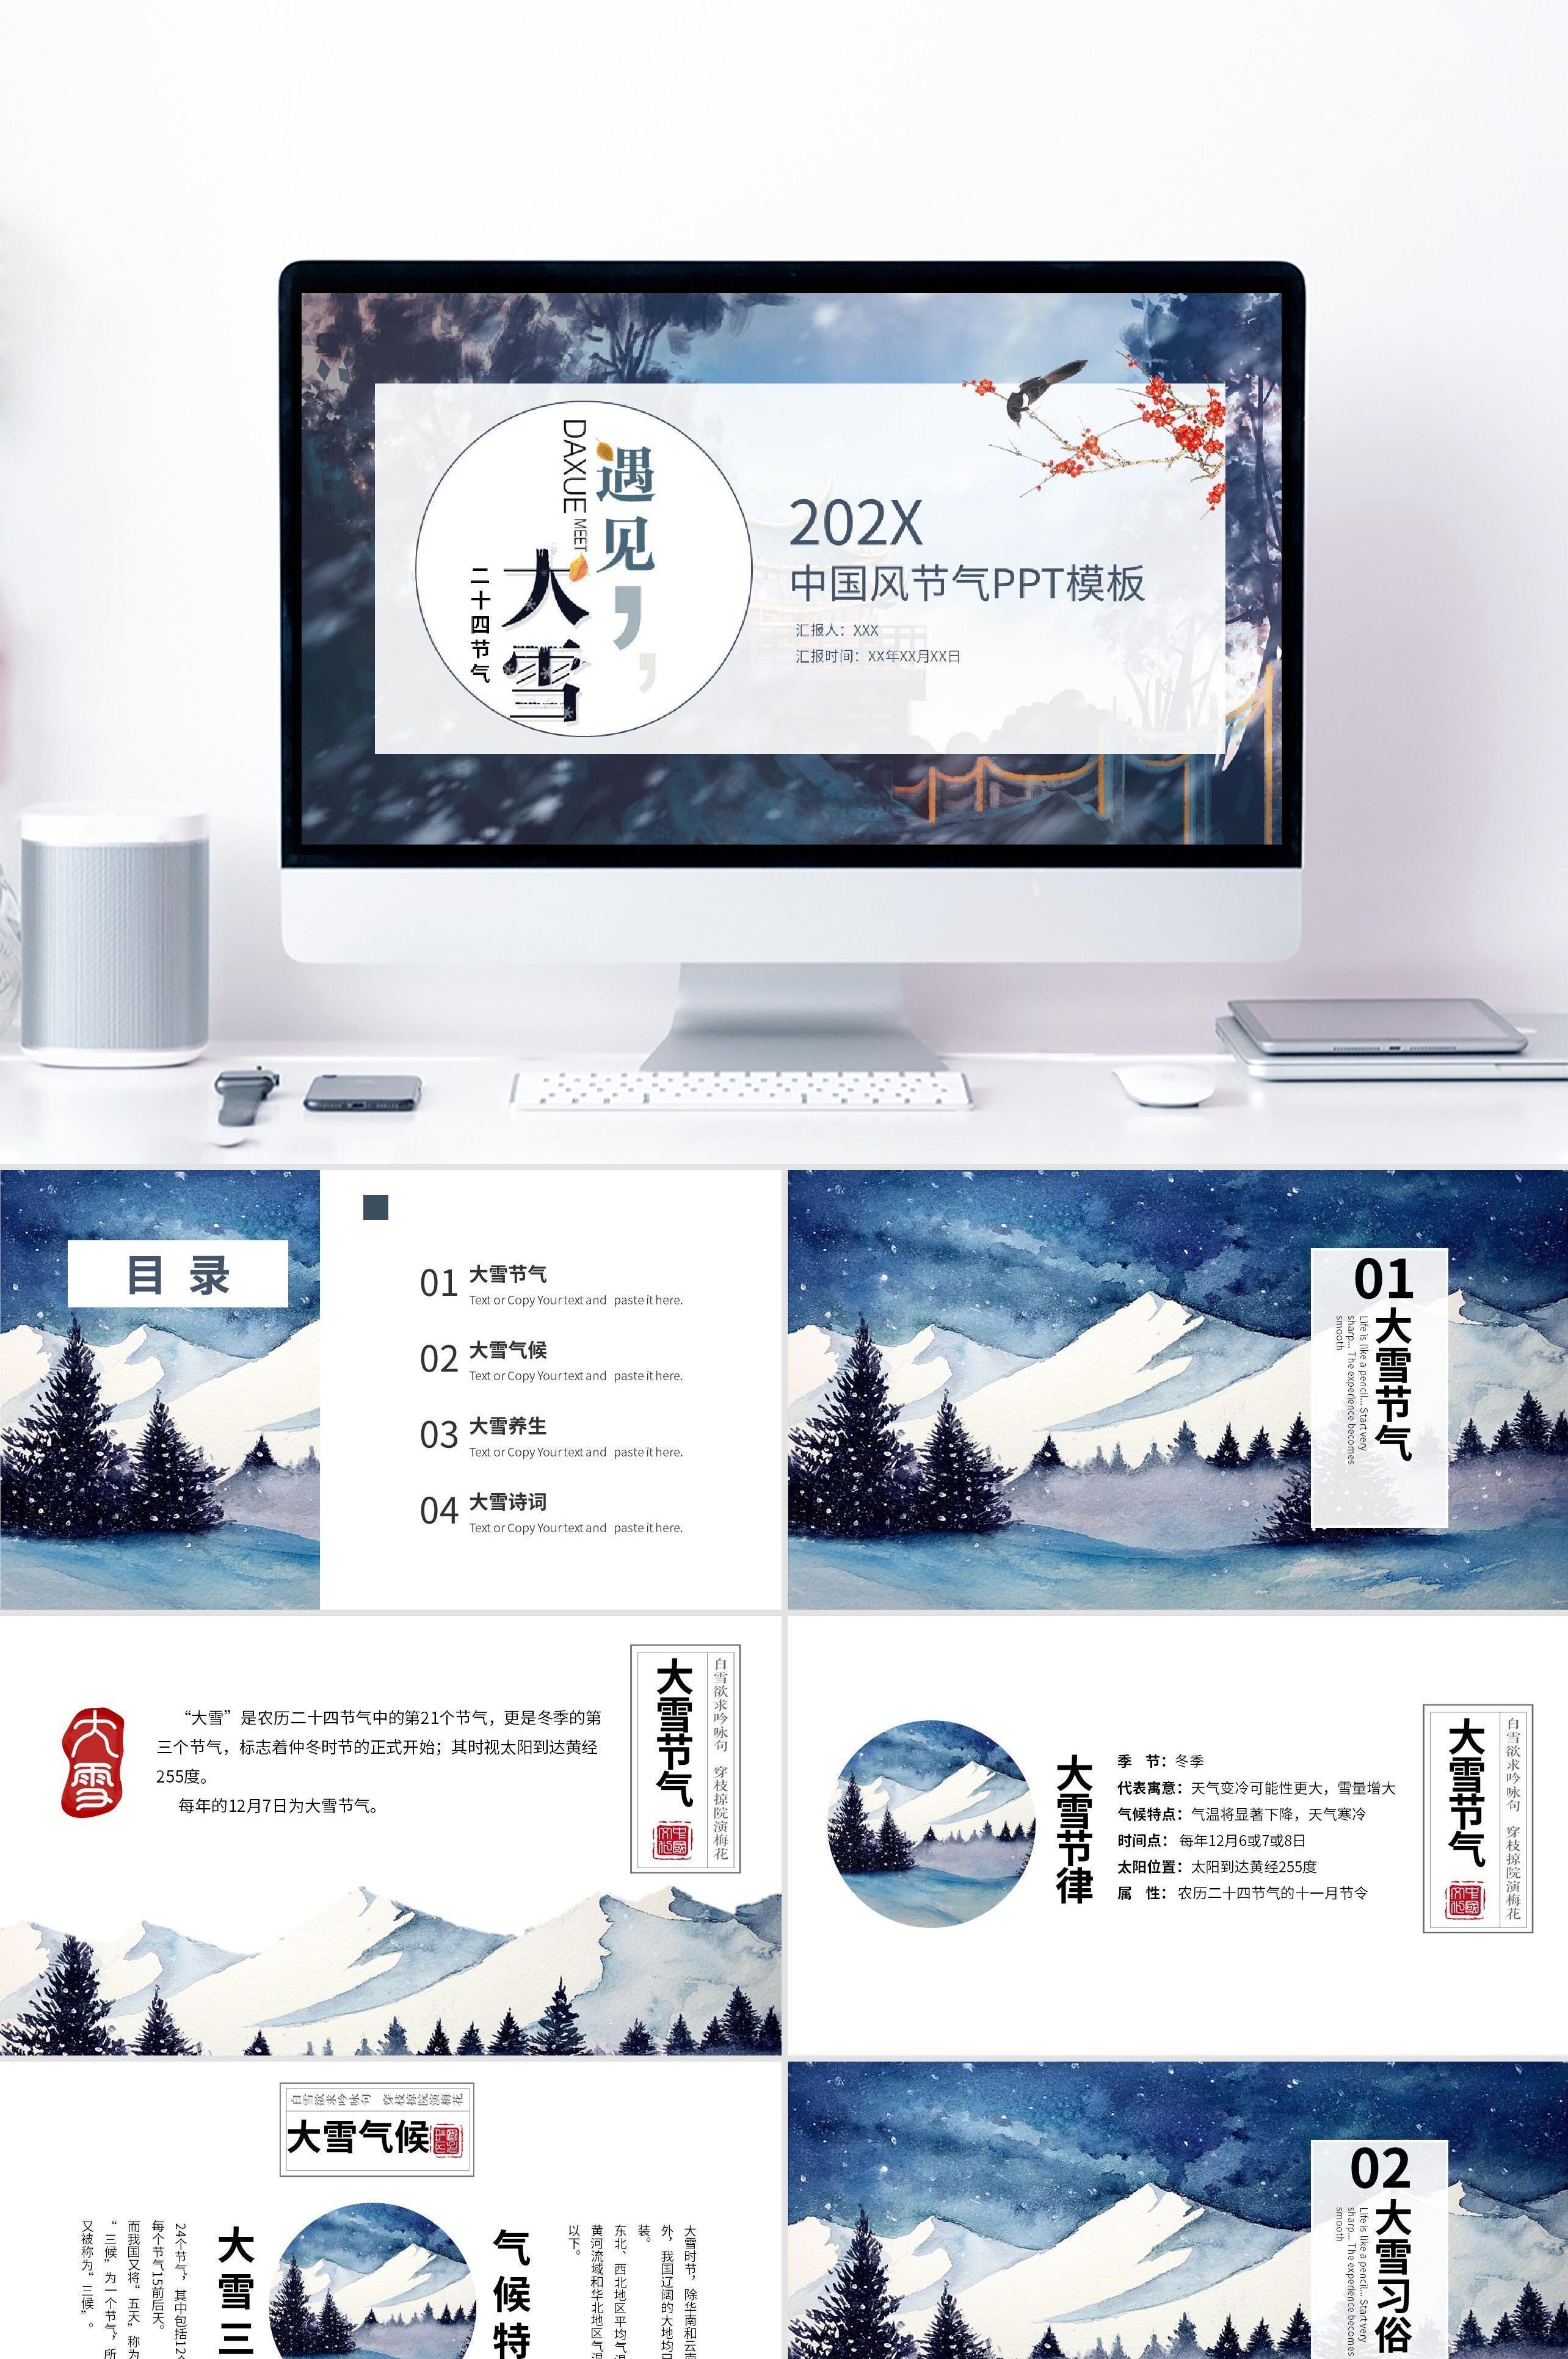 中国风画册24节气大雪介绍PPT模板